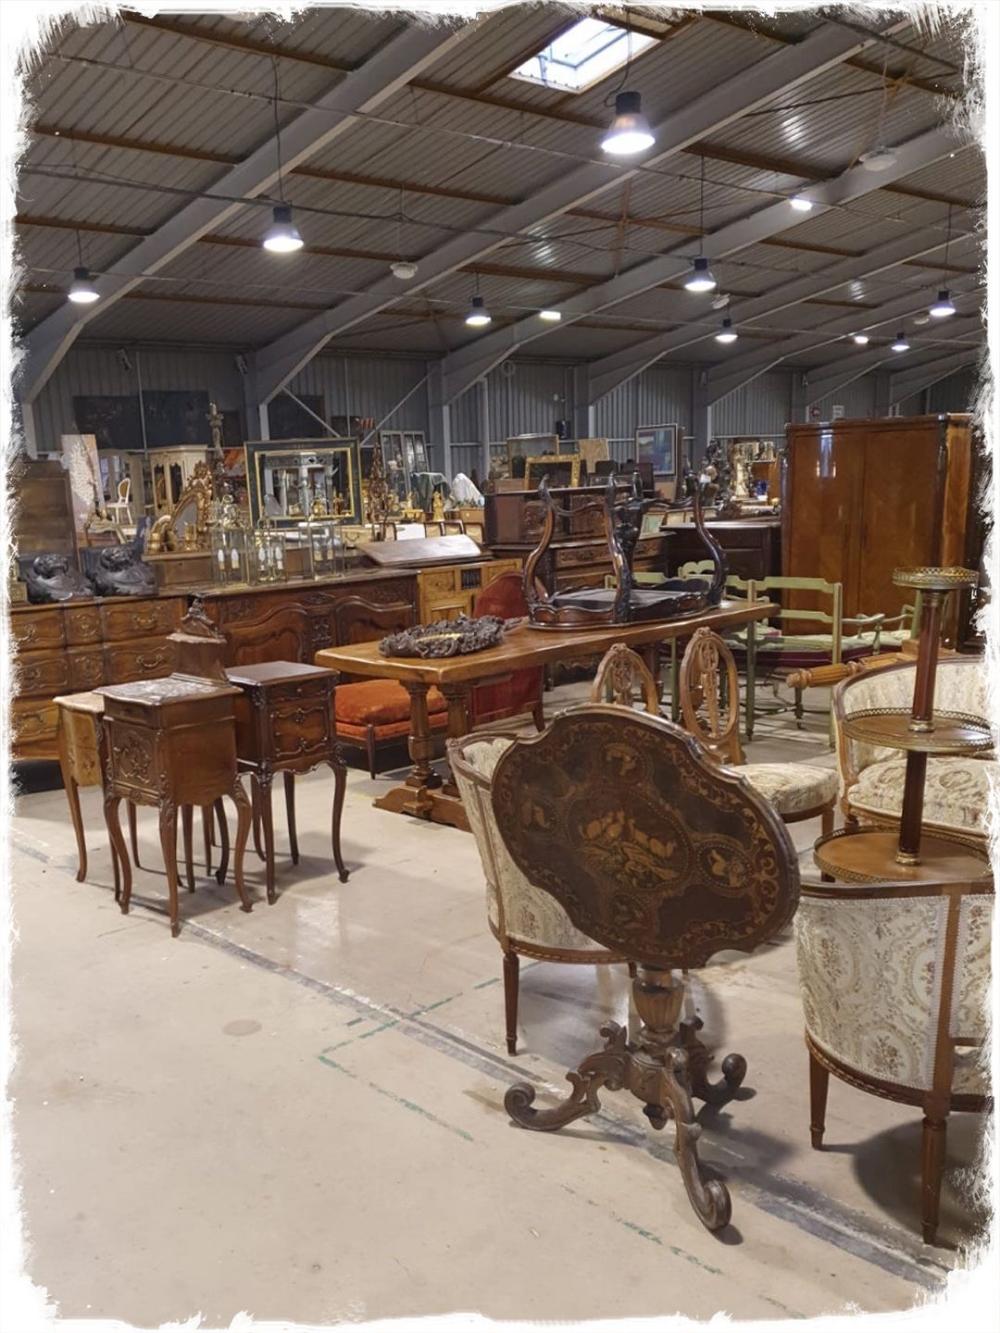 Nouveautes Antiquaire Brocanteur Vosges Meubles Napoli Antic In 2020 Furniture Restoration Table What About Tomorrow